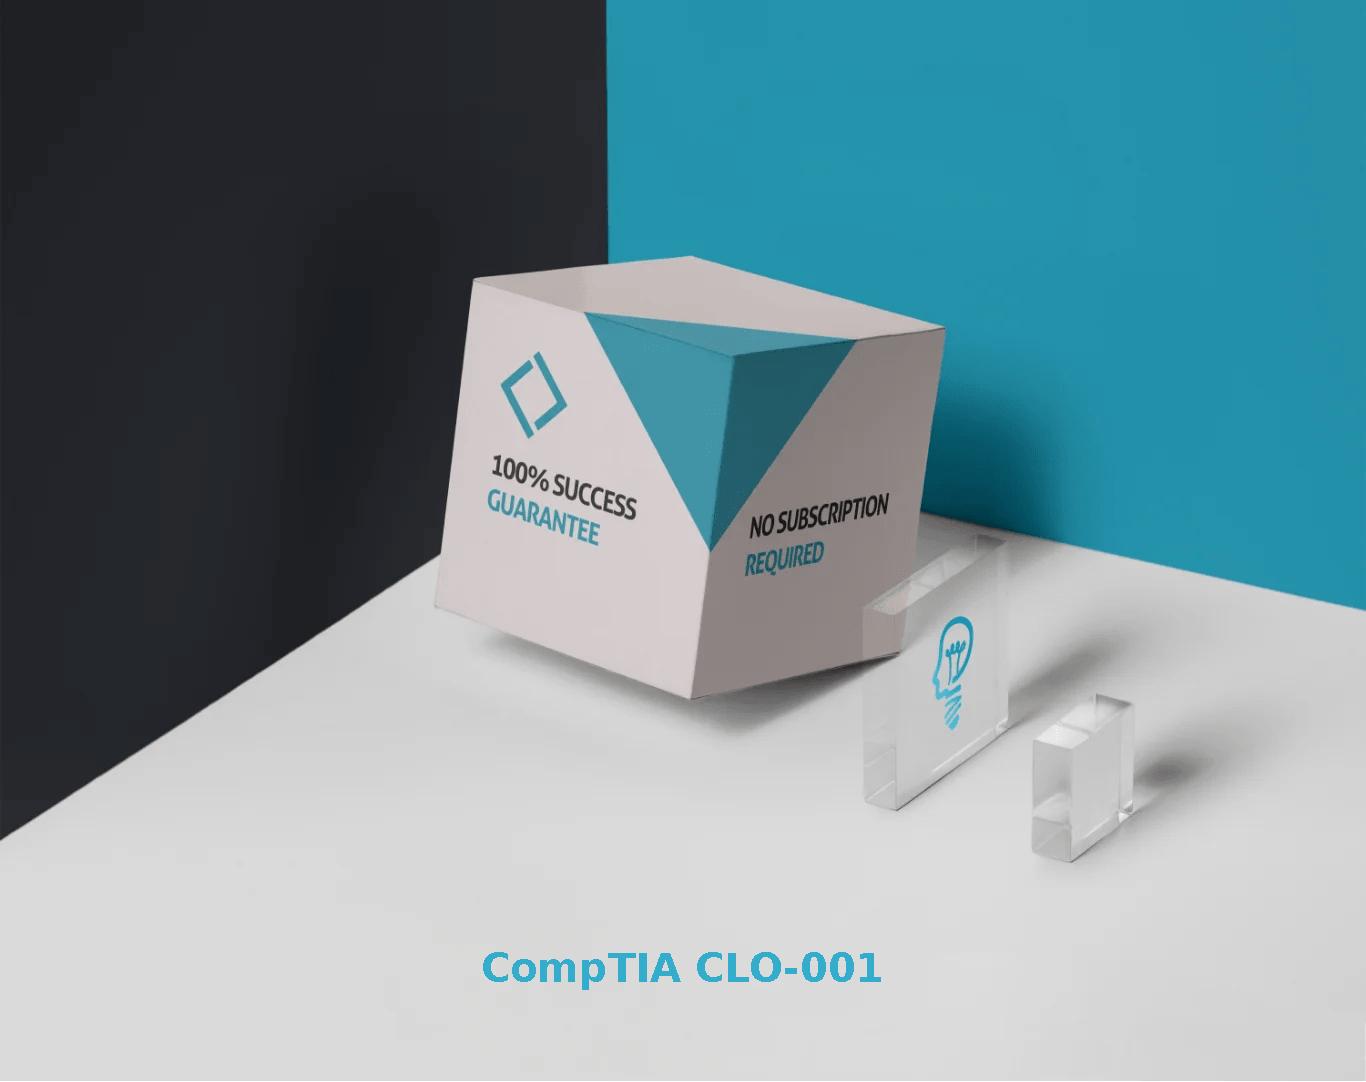 CompTIA CLO-001 Exams